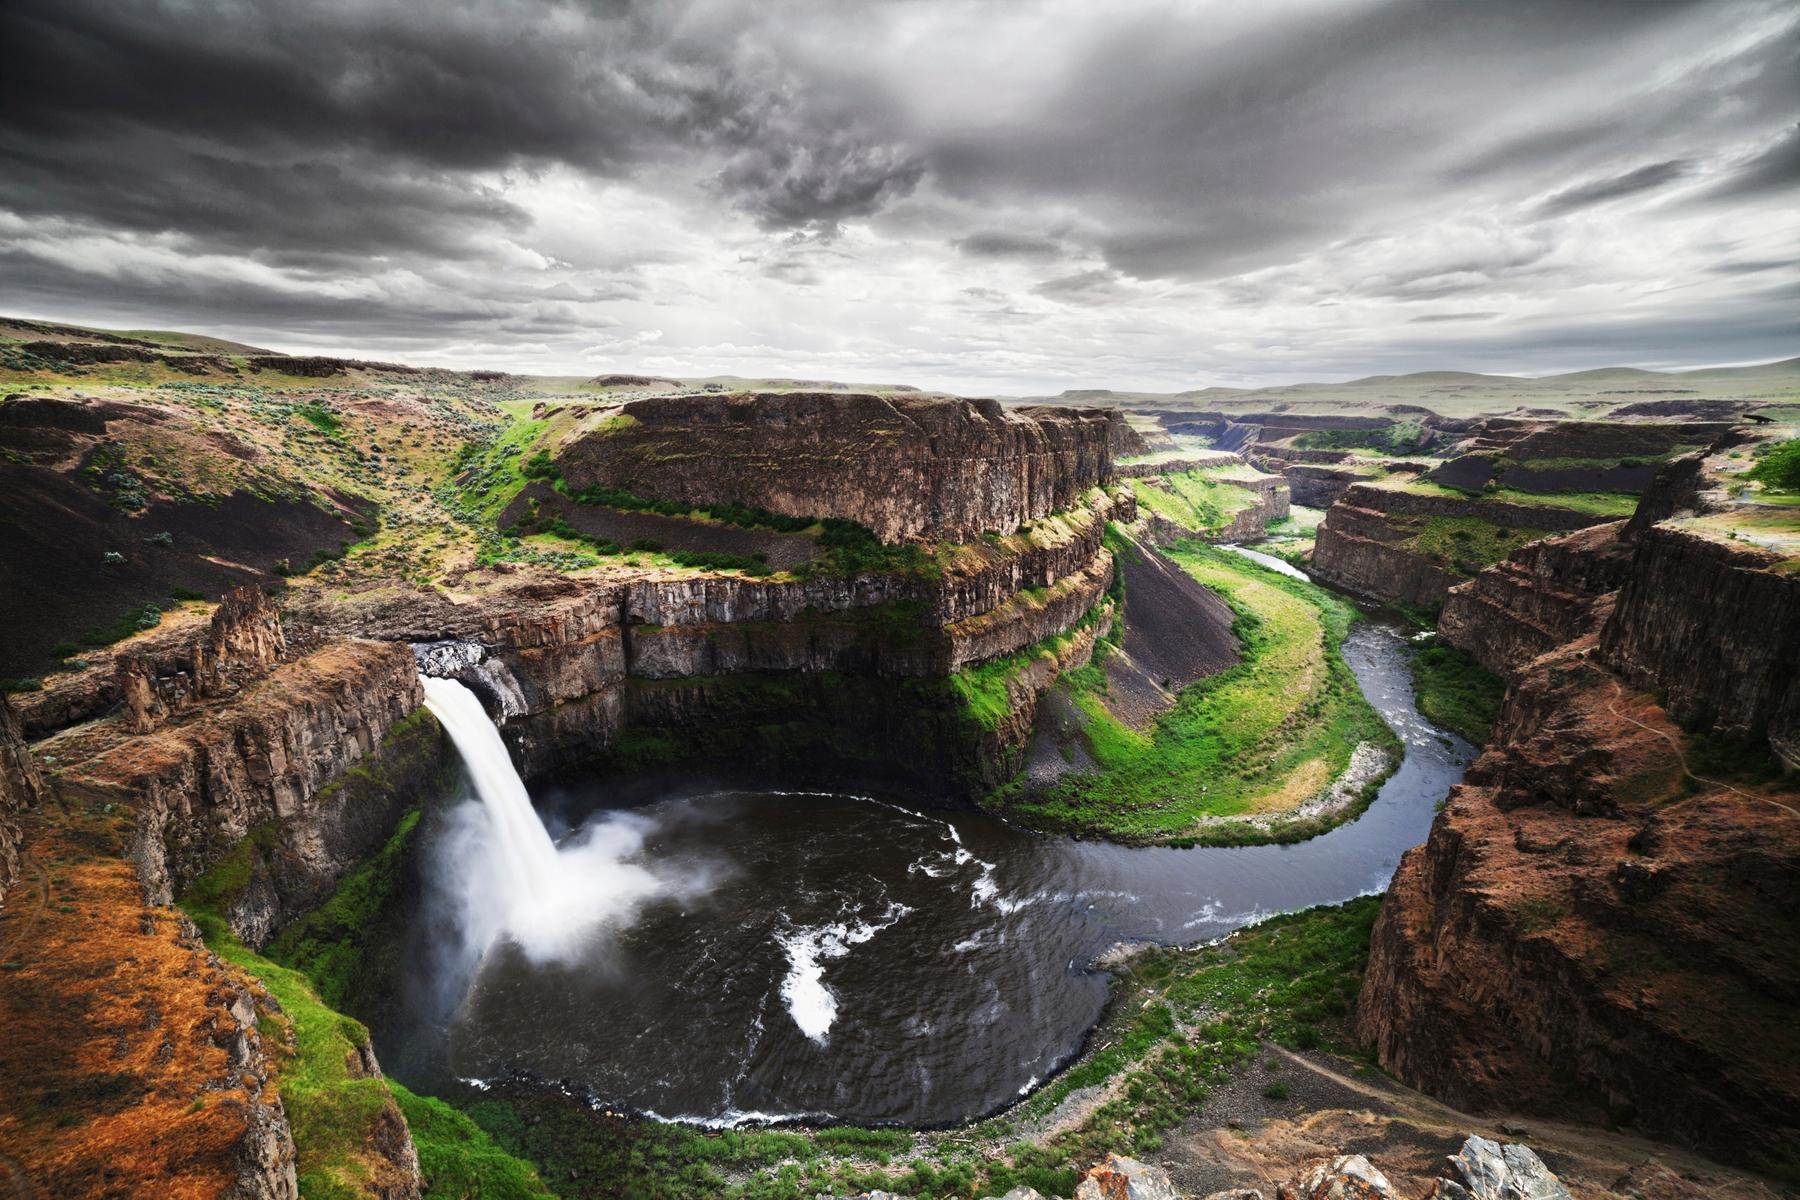 Водопад Палус, Вашингтон, США. Список самых впечатляющих водопадов мира